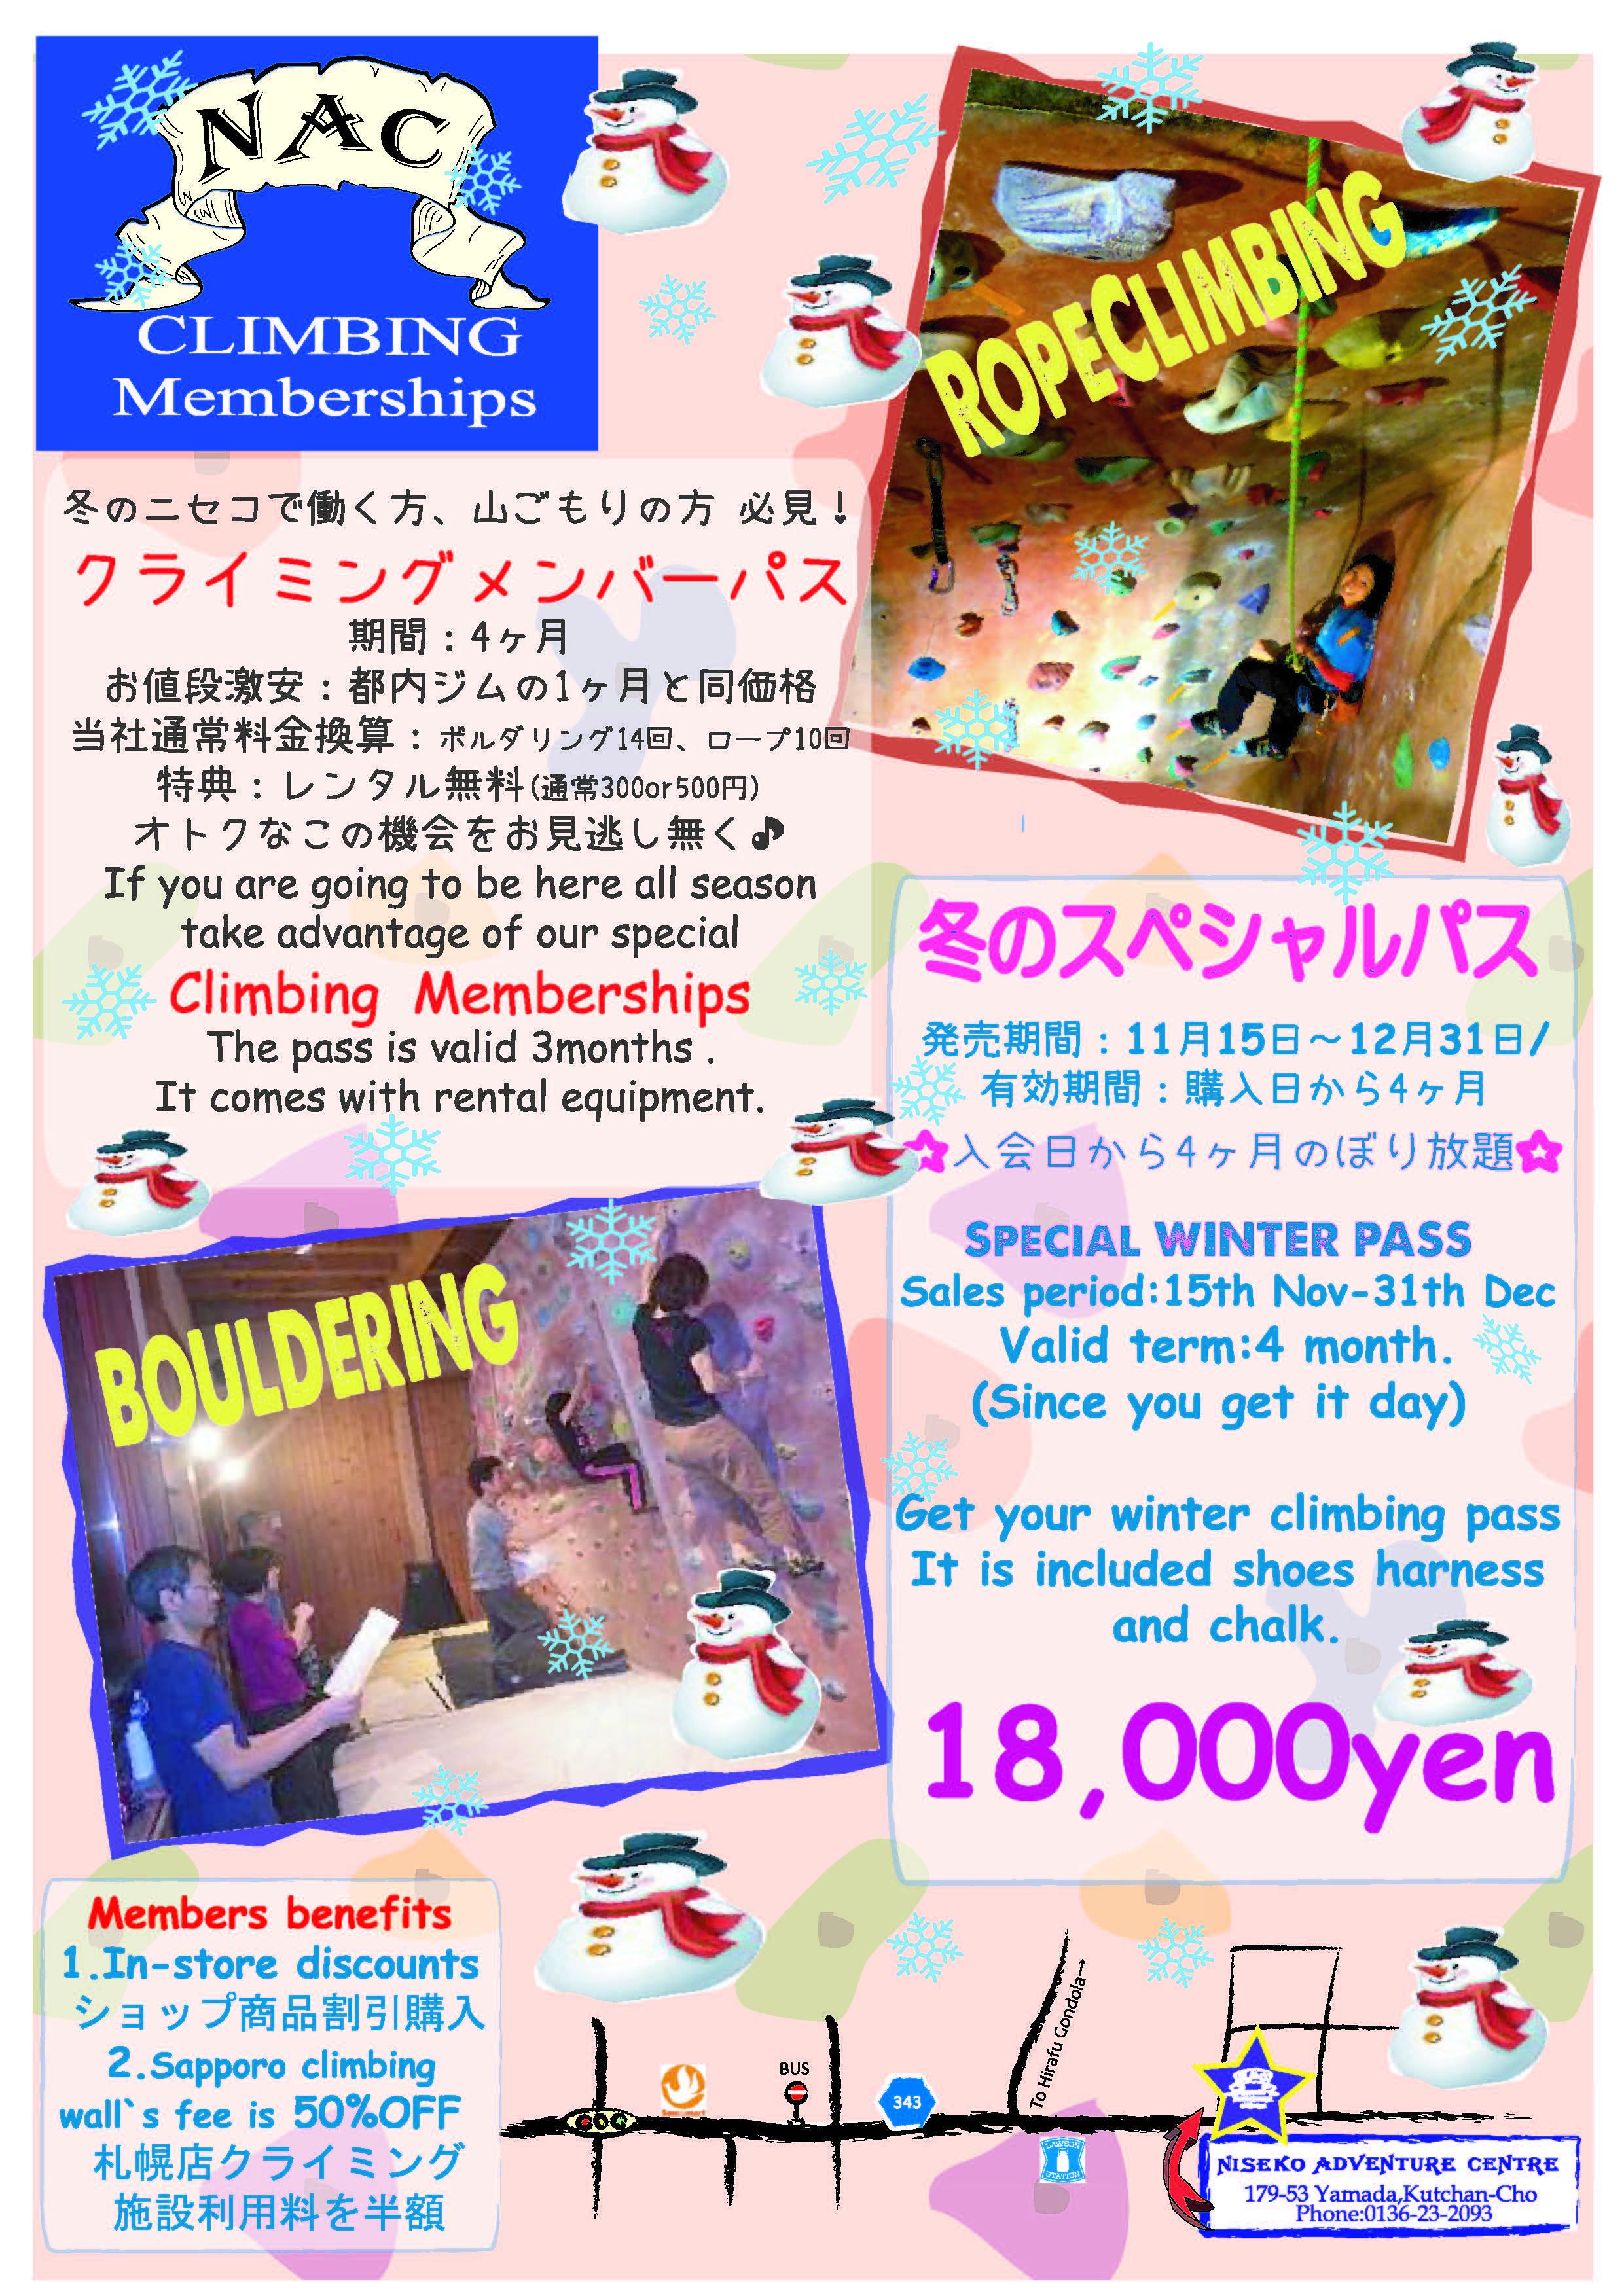 Climbing Memberships 2017-18